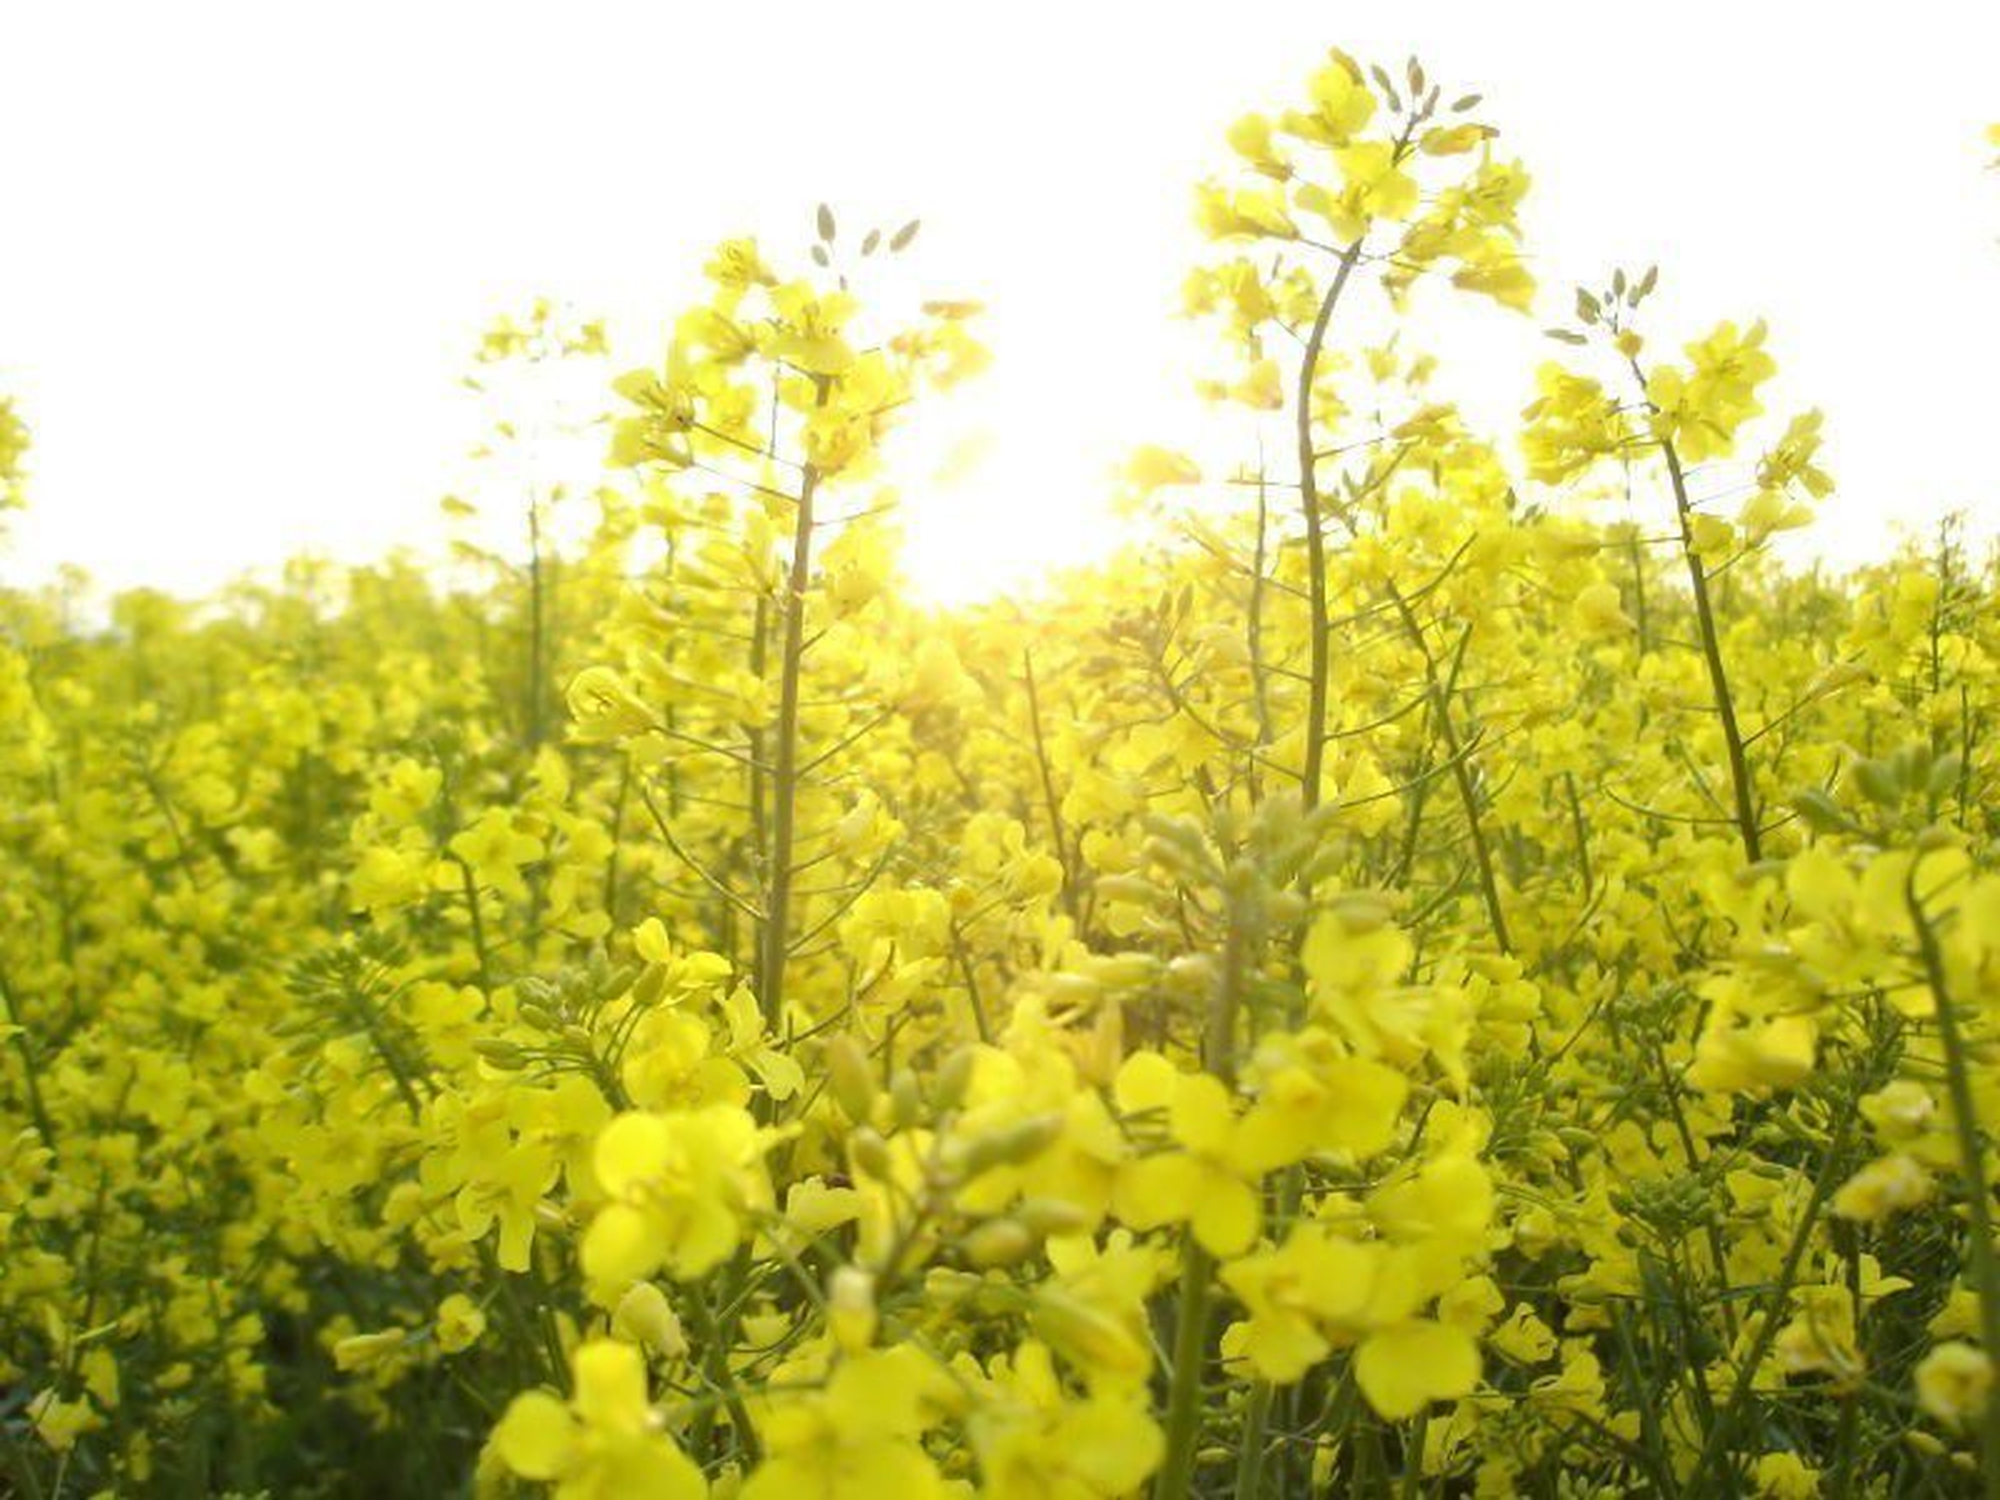 Dagens biodiesel lages blant annet av oljeveksten raps. Petter H. Heyerdahl mener vi må vente på andregenerasjons biodiesel før dieselen gir god klimaeffekt.